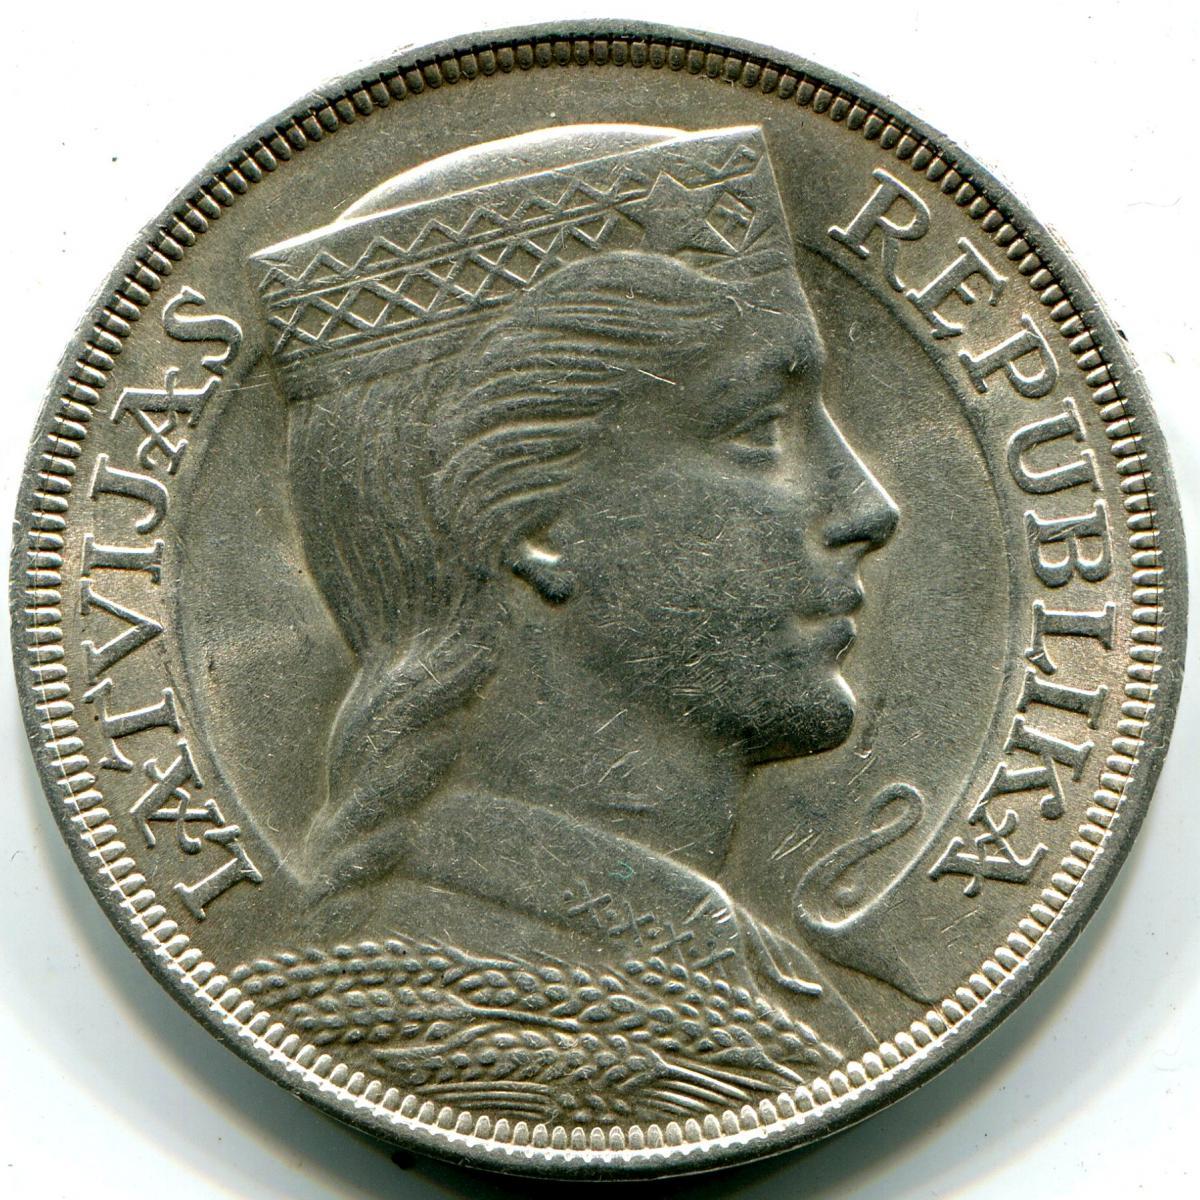 5 латов 1931 года это сколько? кто покупает старые монеты ссср